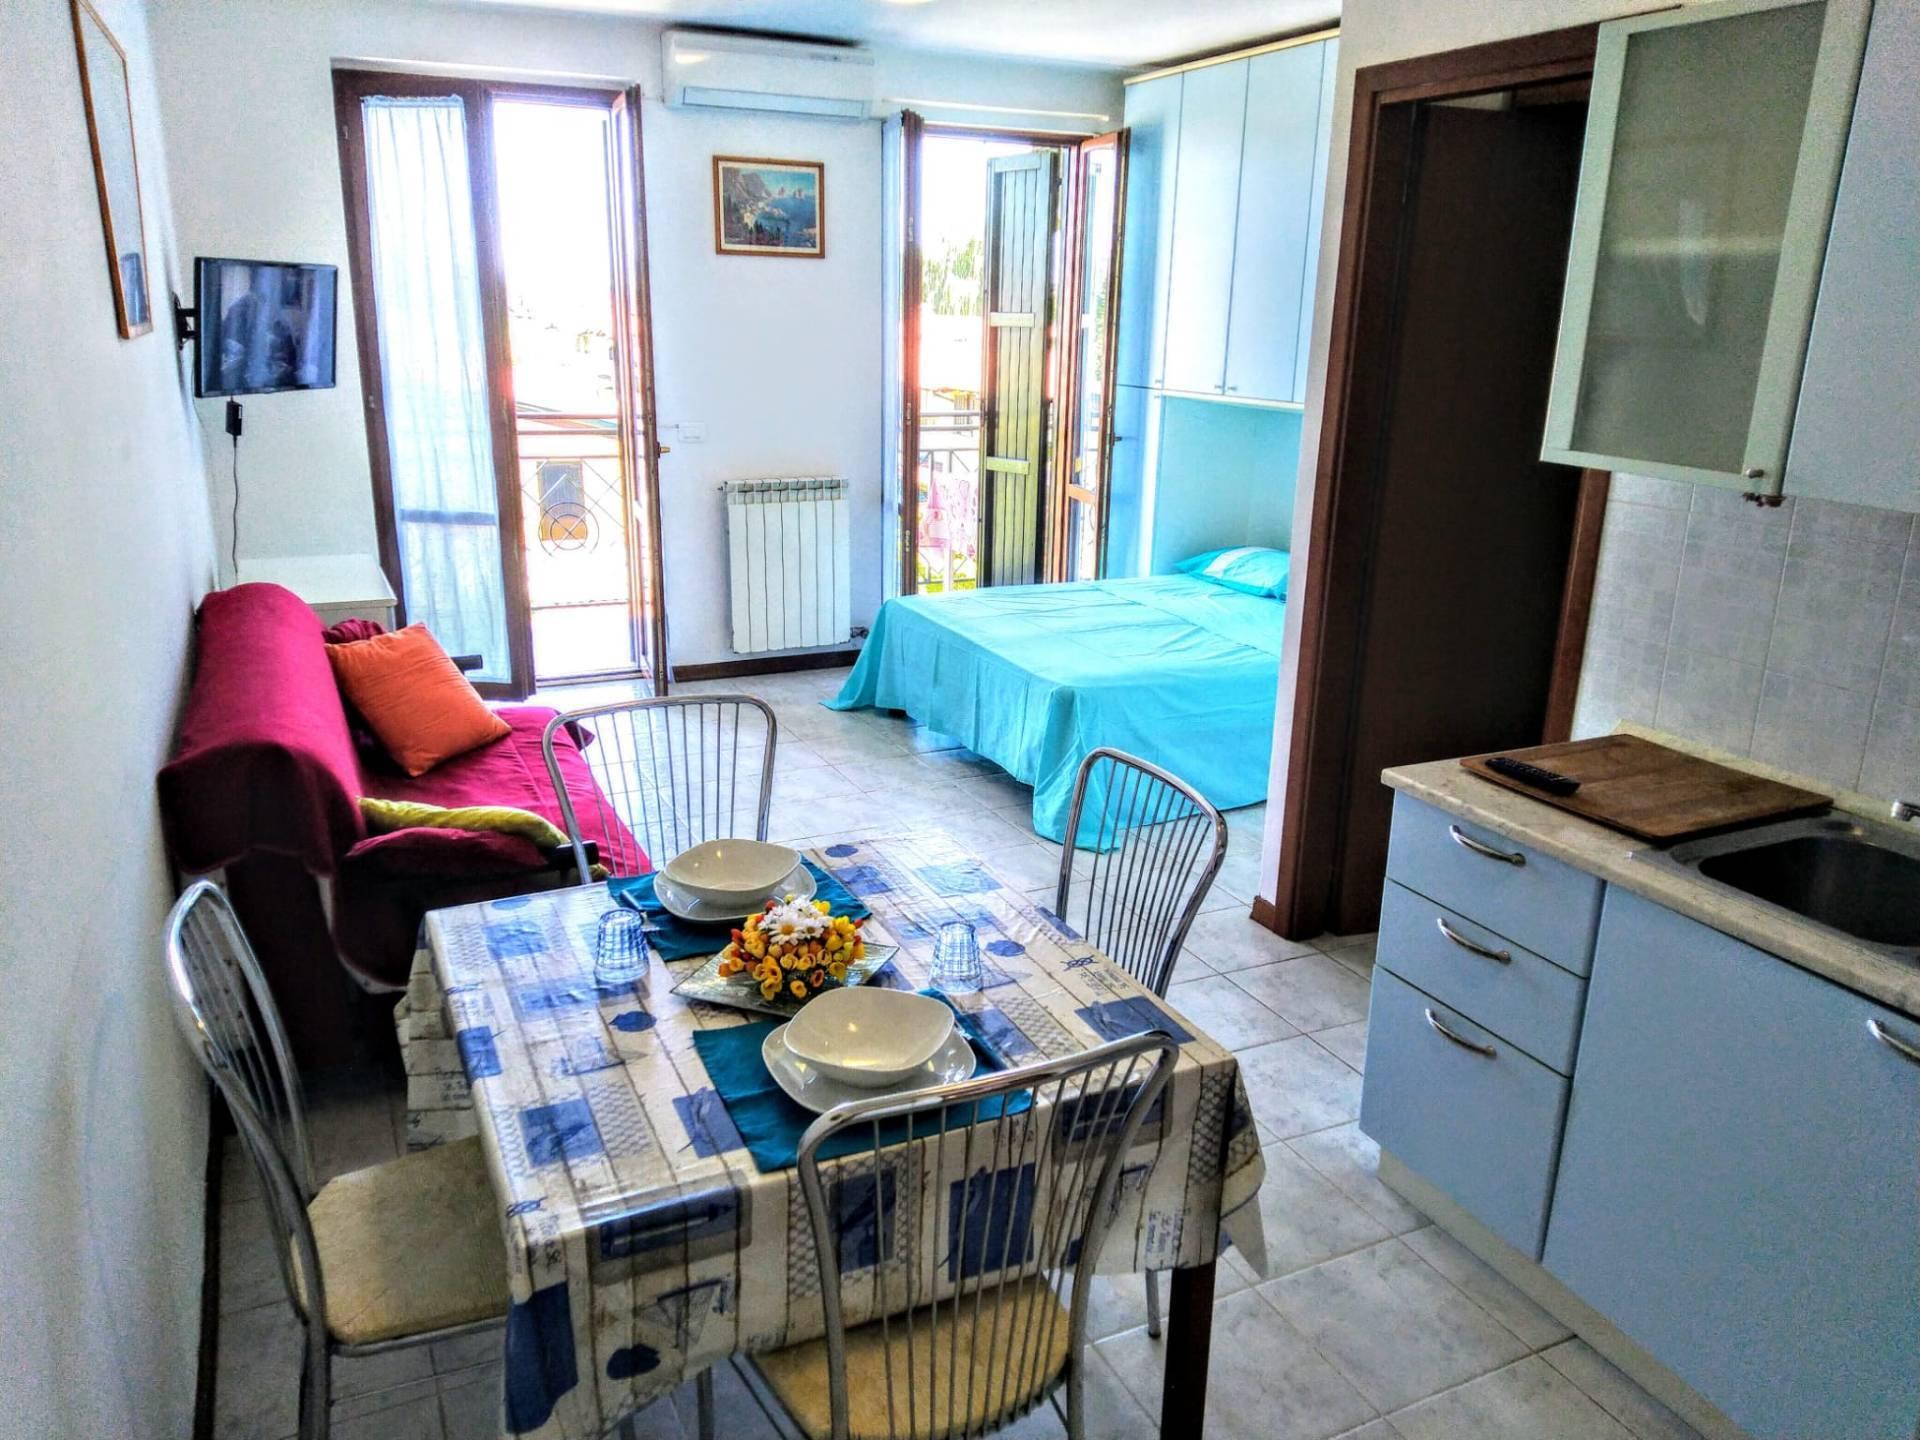 Appartamento in vendita a Eraclea, 1 locali, zona Località: EracleaMare, prezzo € 98.000 | CambioCasa.it